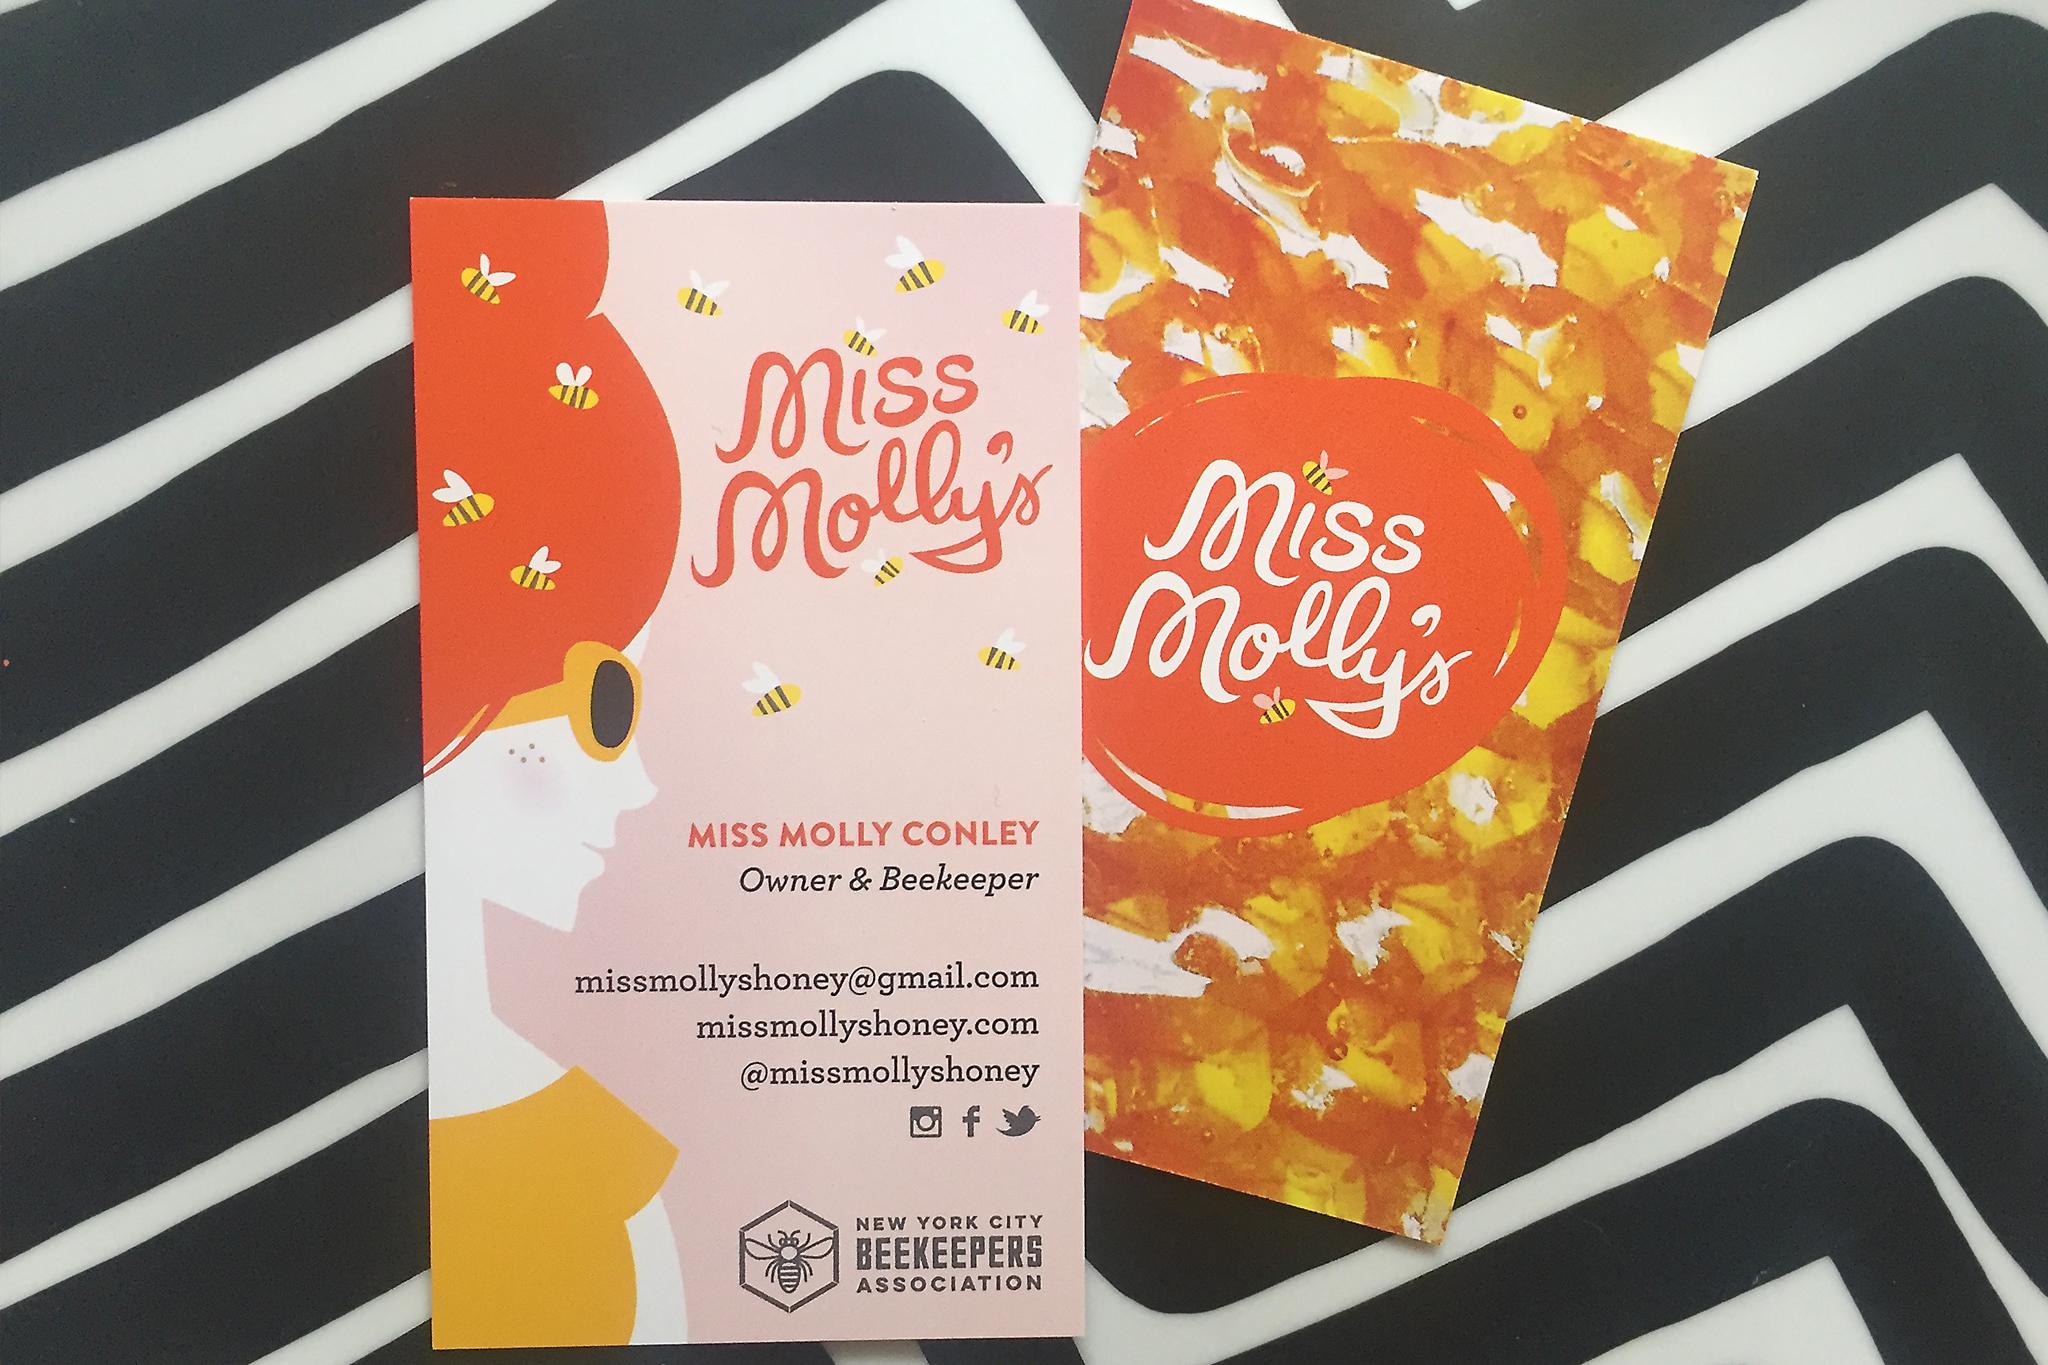 MissMollysHoney_BusinessCards.jpg